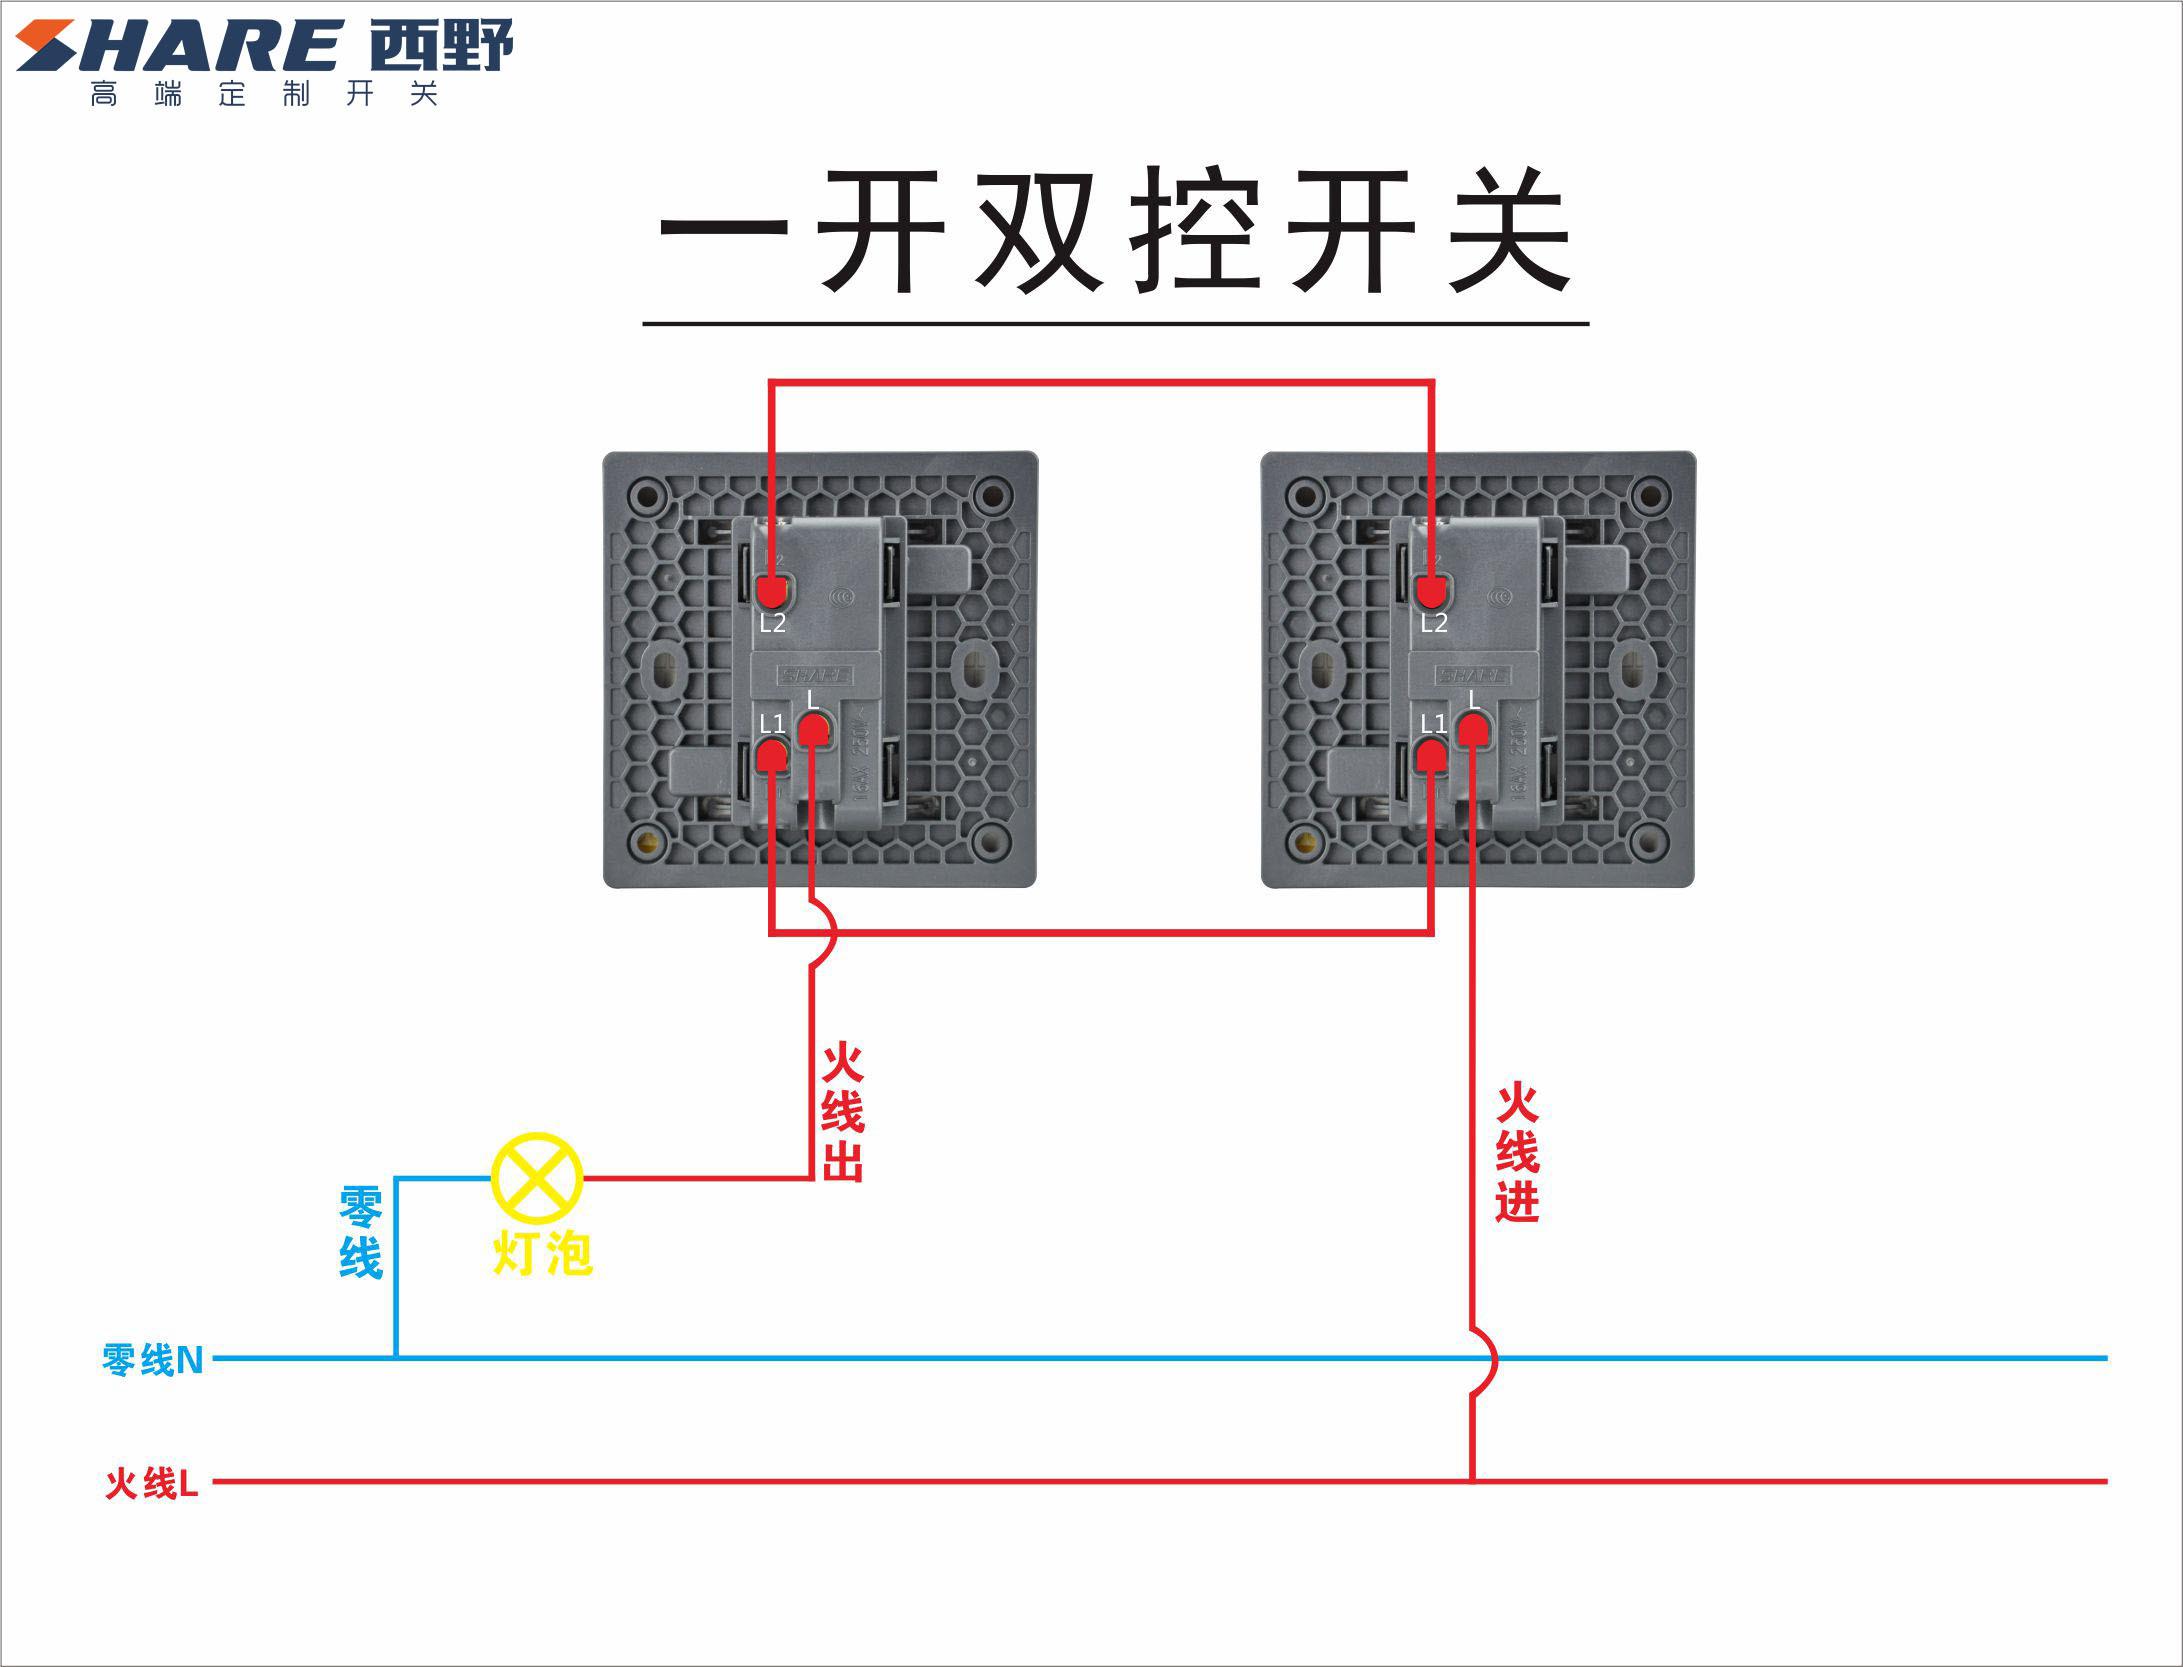 西野开关插座接线图,墙壁开关实物接线图